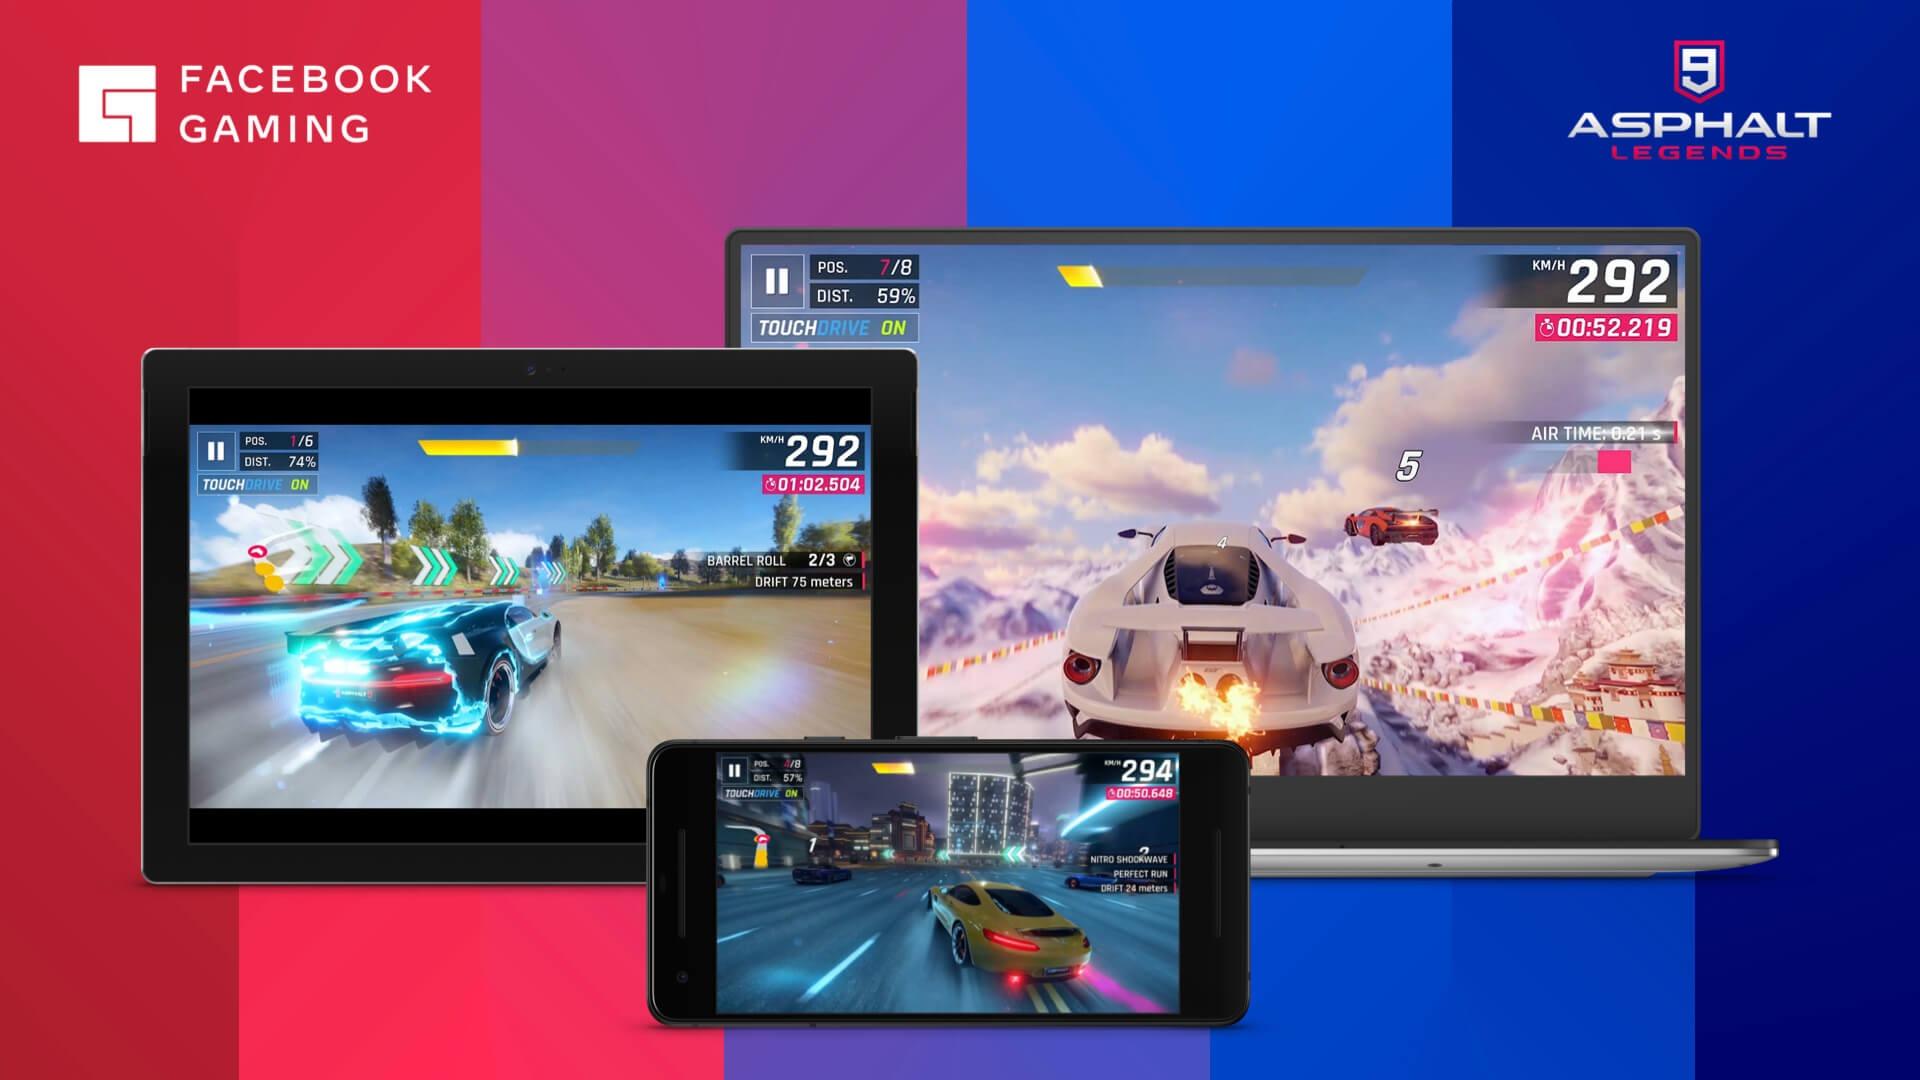 Facebook Gaming è il nuovo servizio cloud gaming gratuito di Facebook